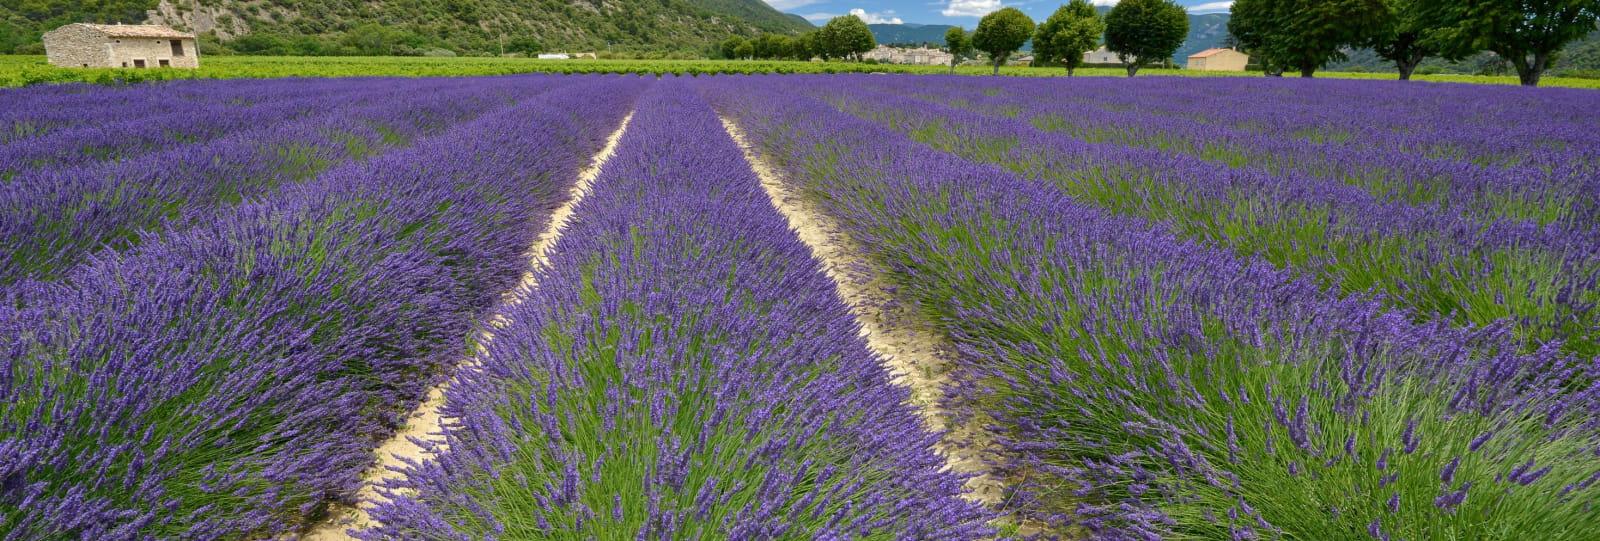 Découverte à pied et en voiture des Routes de la lavande en Drôme provençale